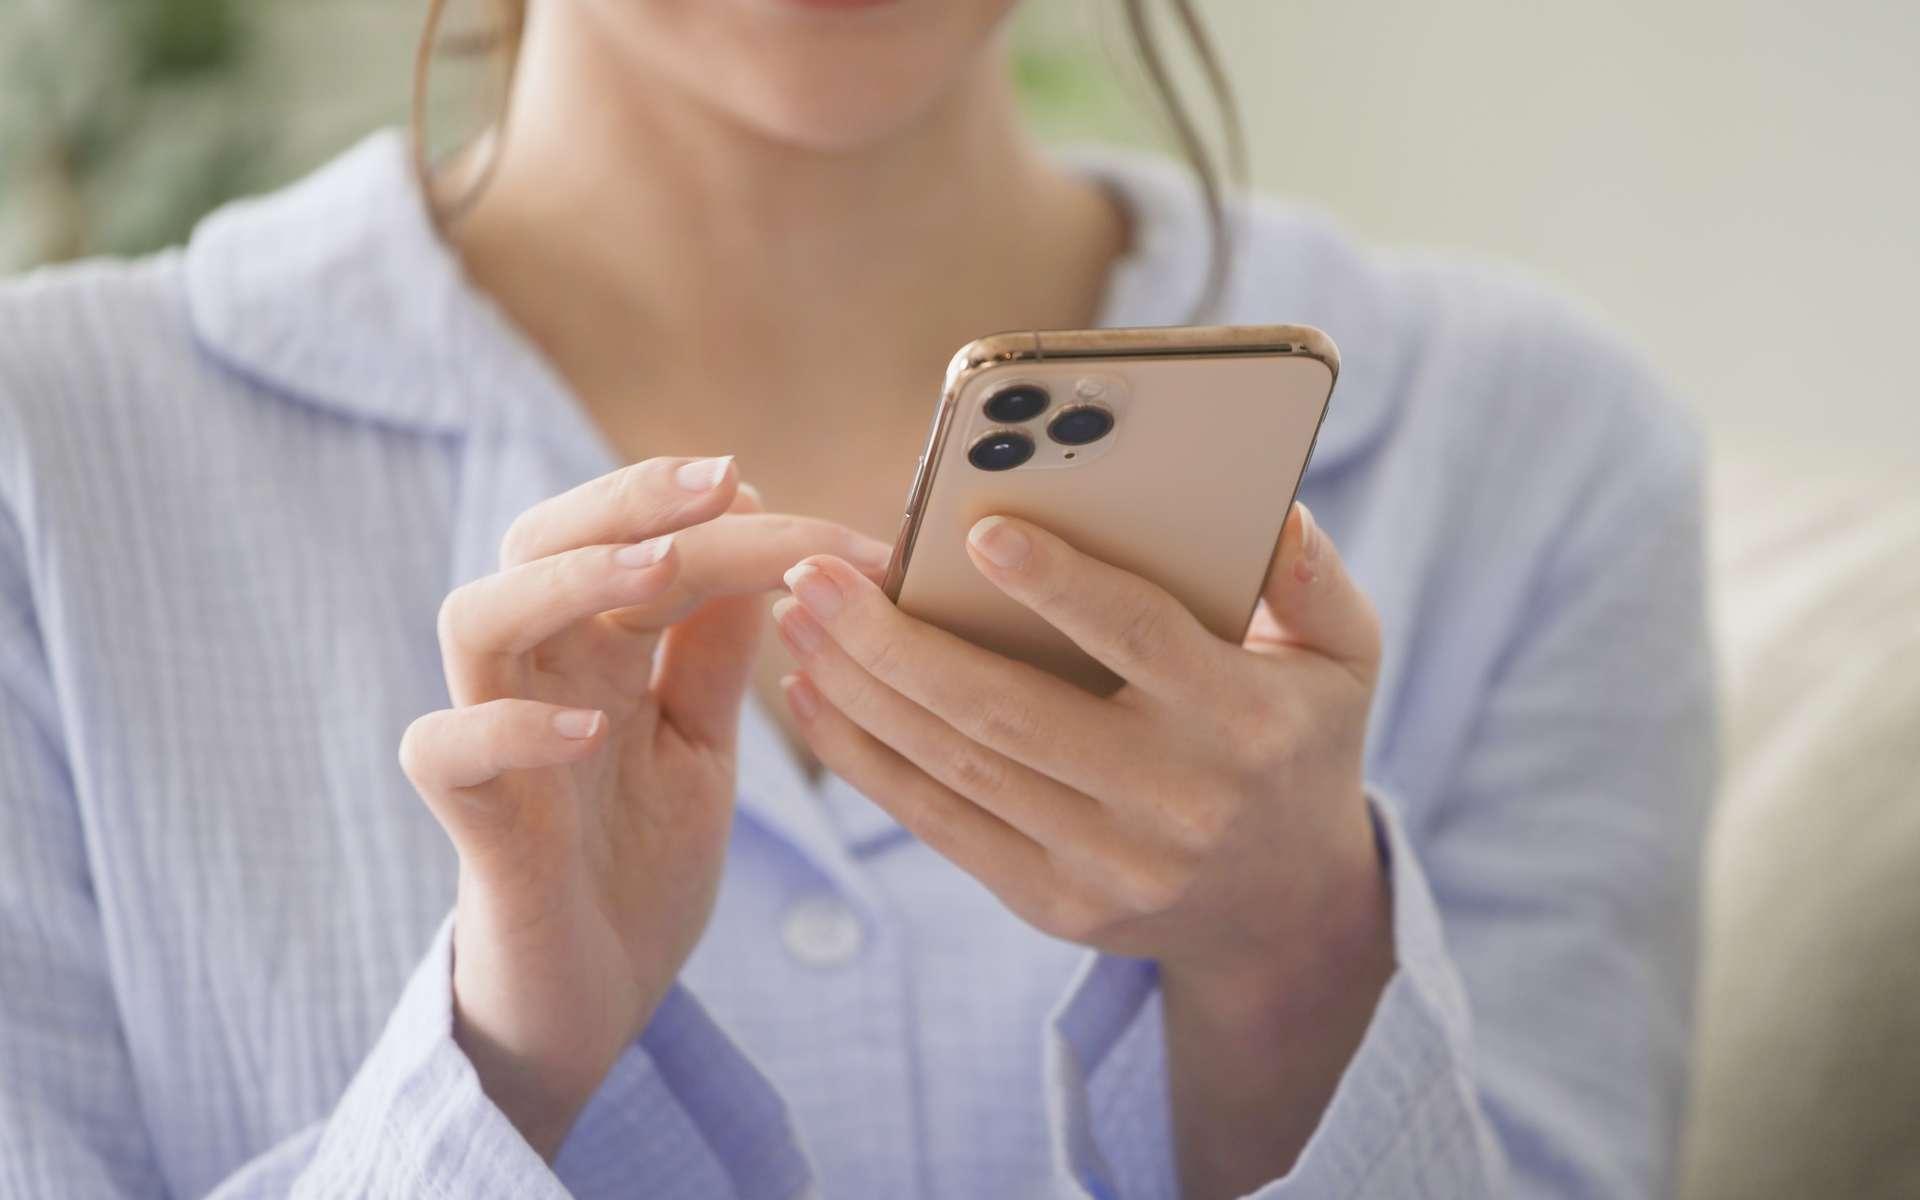 Découvrez le comparateur de forfaits mobiles Futura © aijiro, Adobe Stock